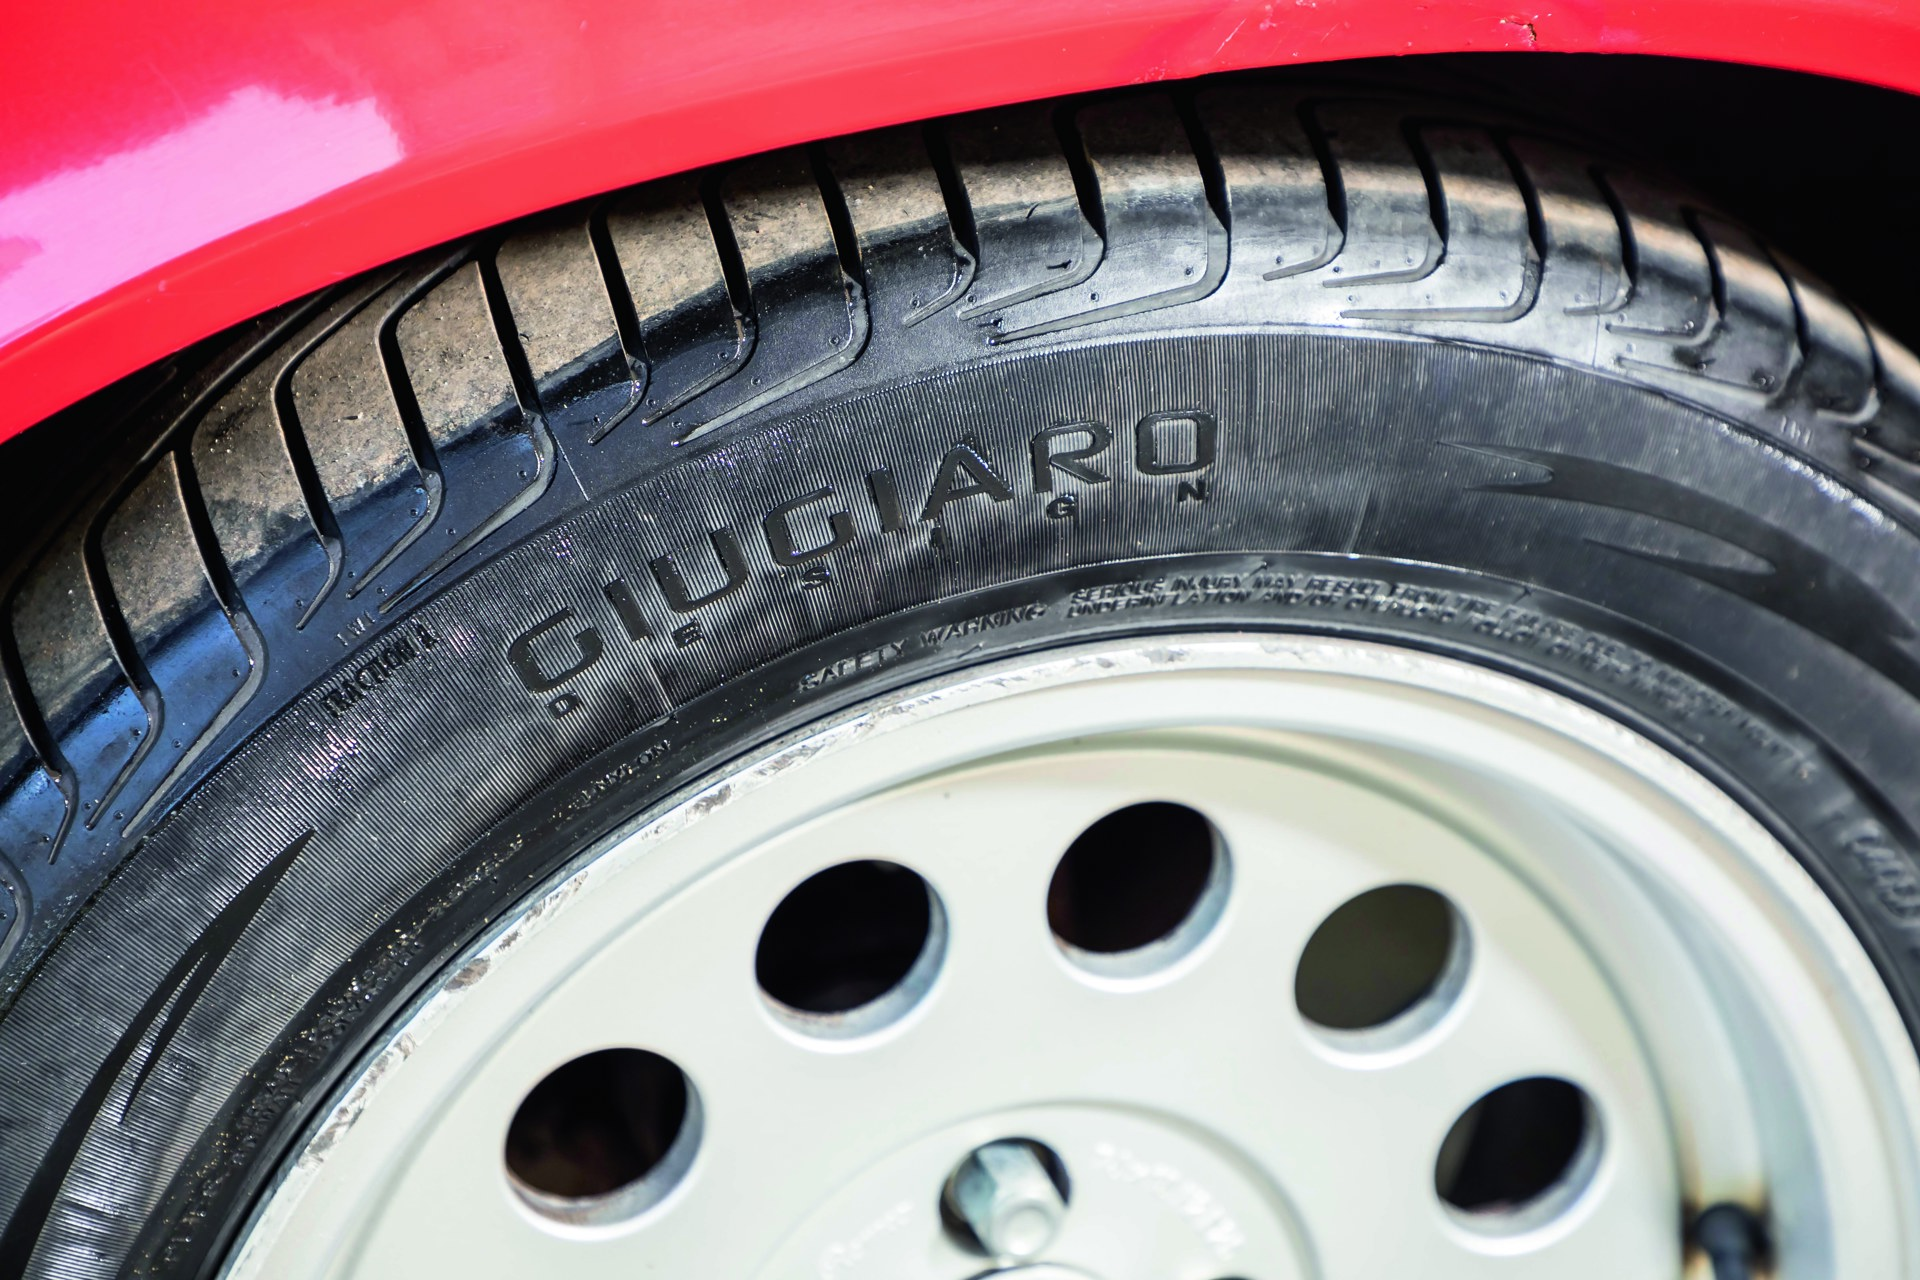 GTV025.jpg